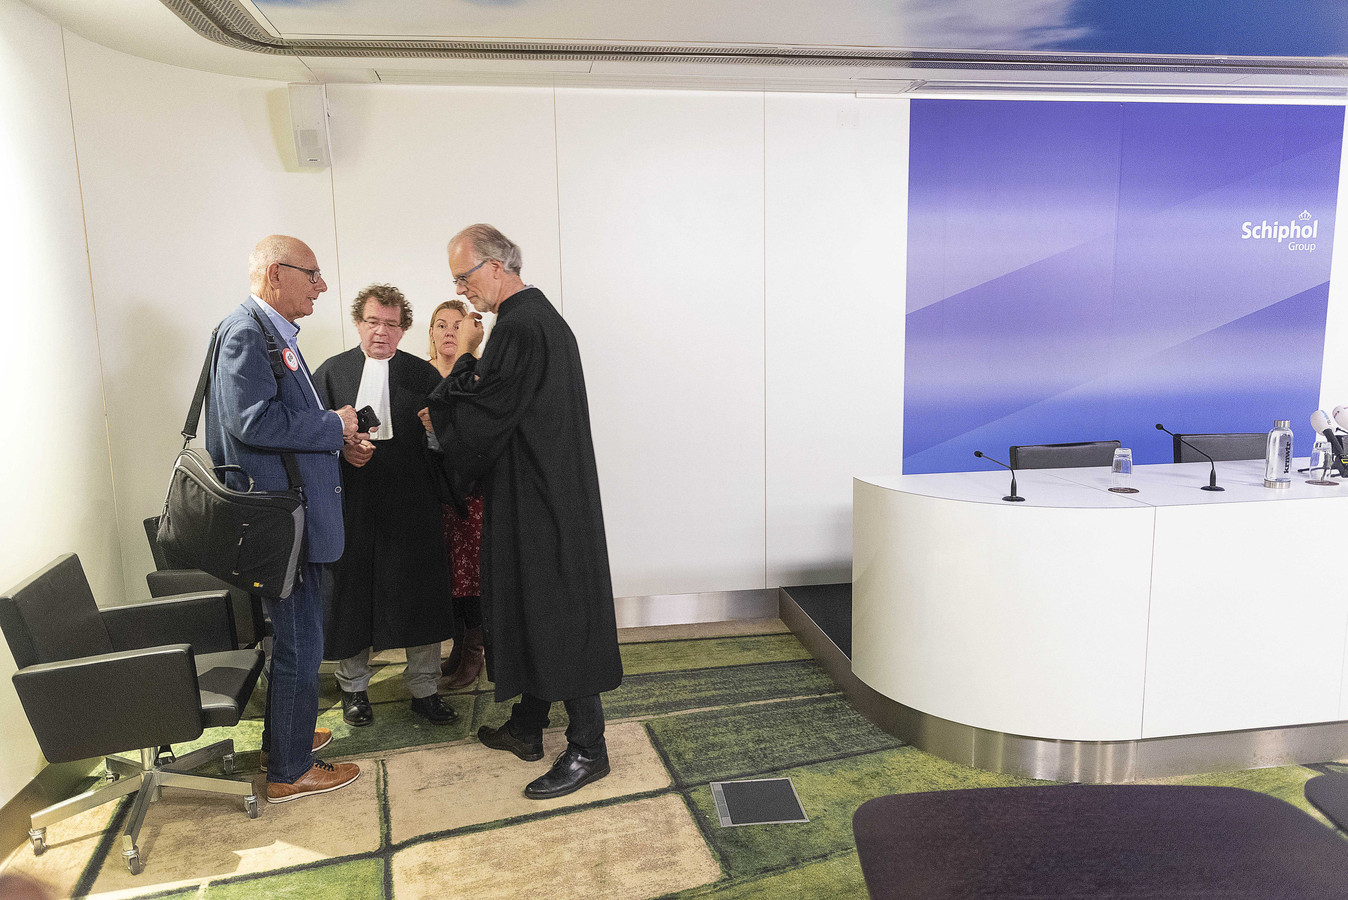 De advocaten van de vakbonden overleggen voorafgaand aan het kort geding van Schiphol tegen de vakbonden.